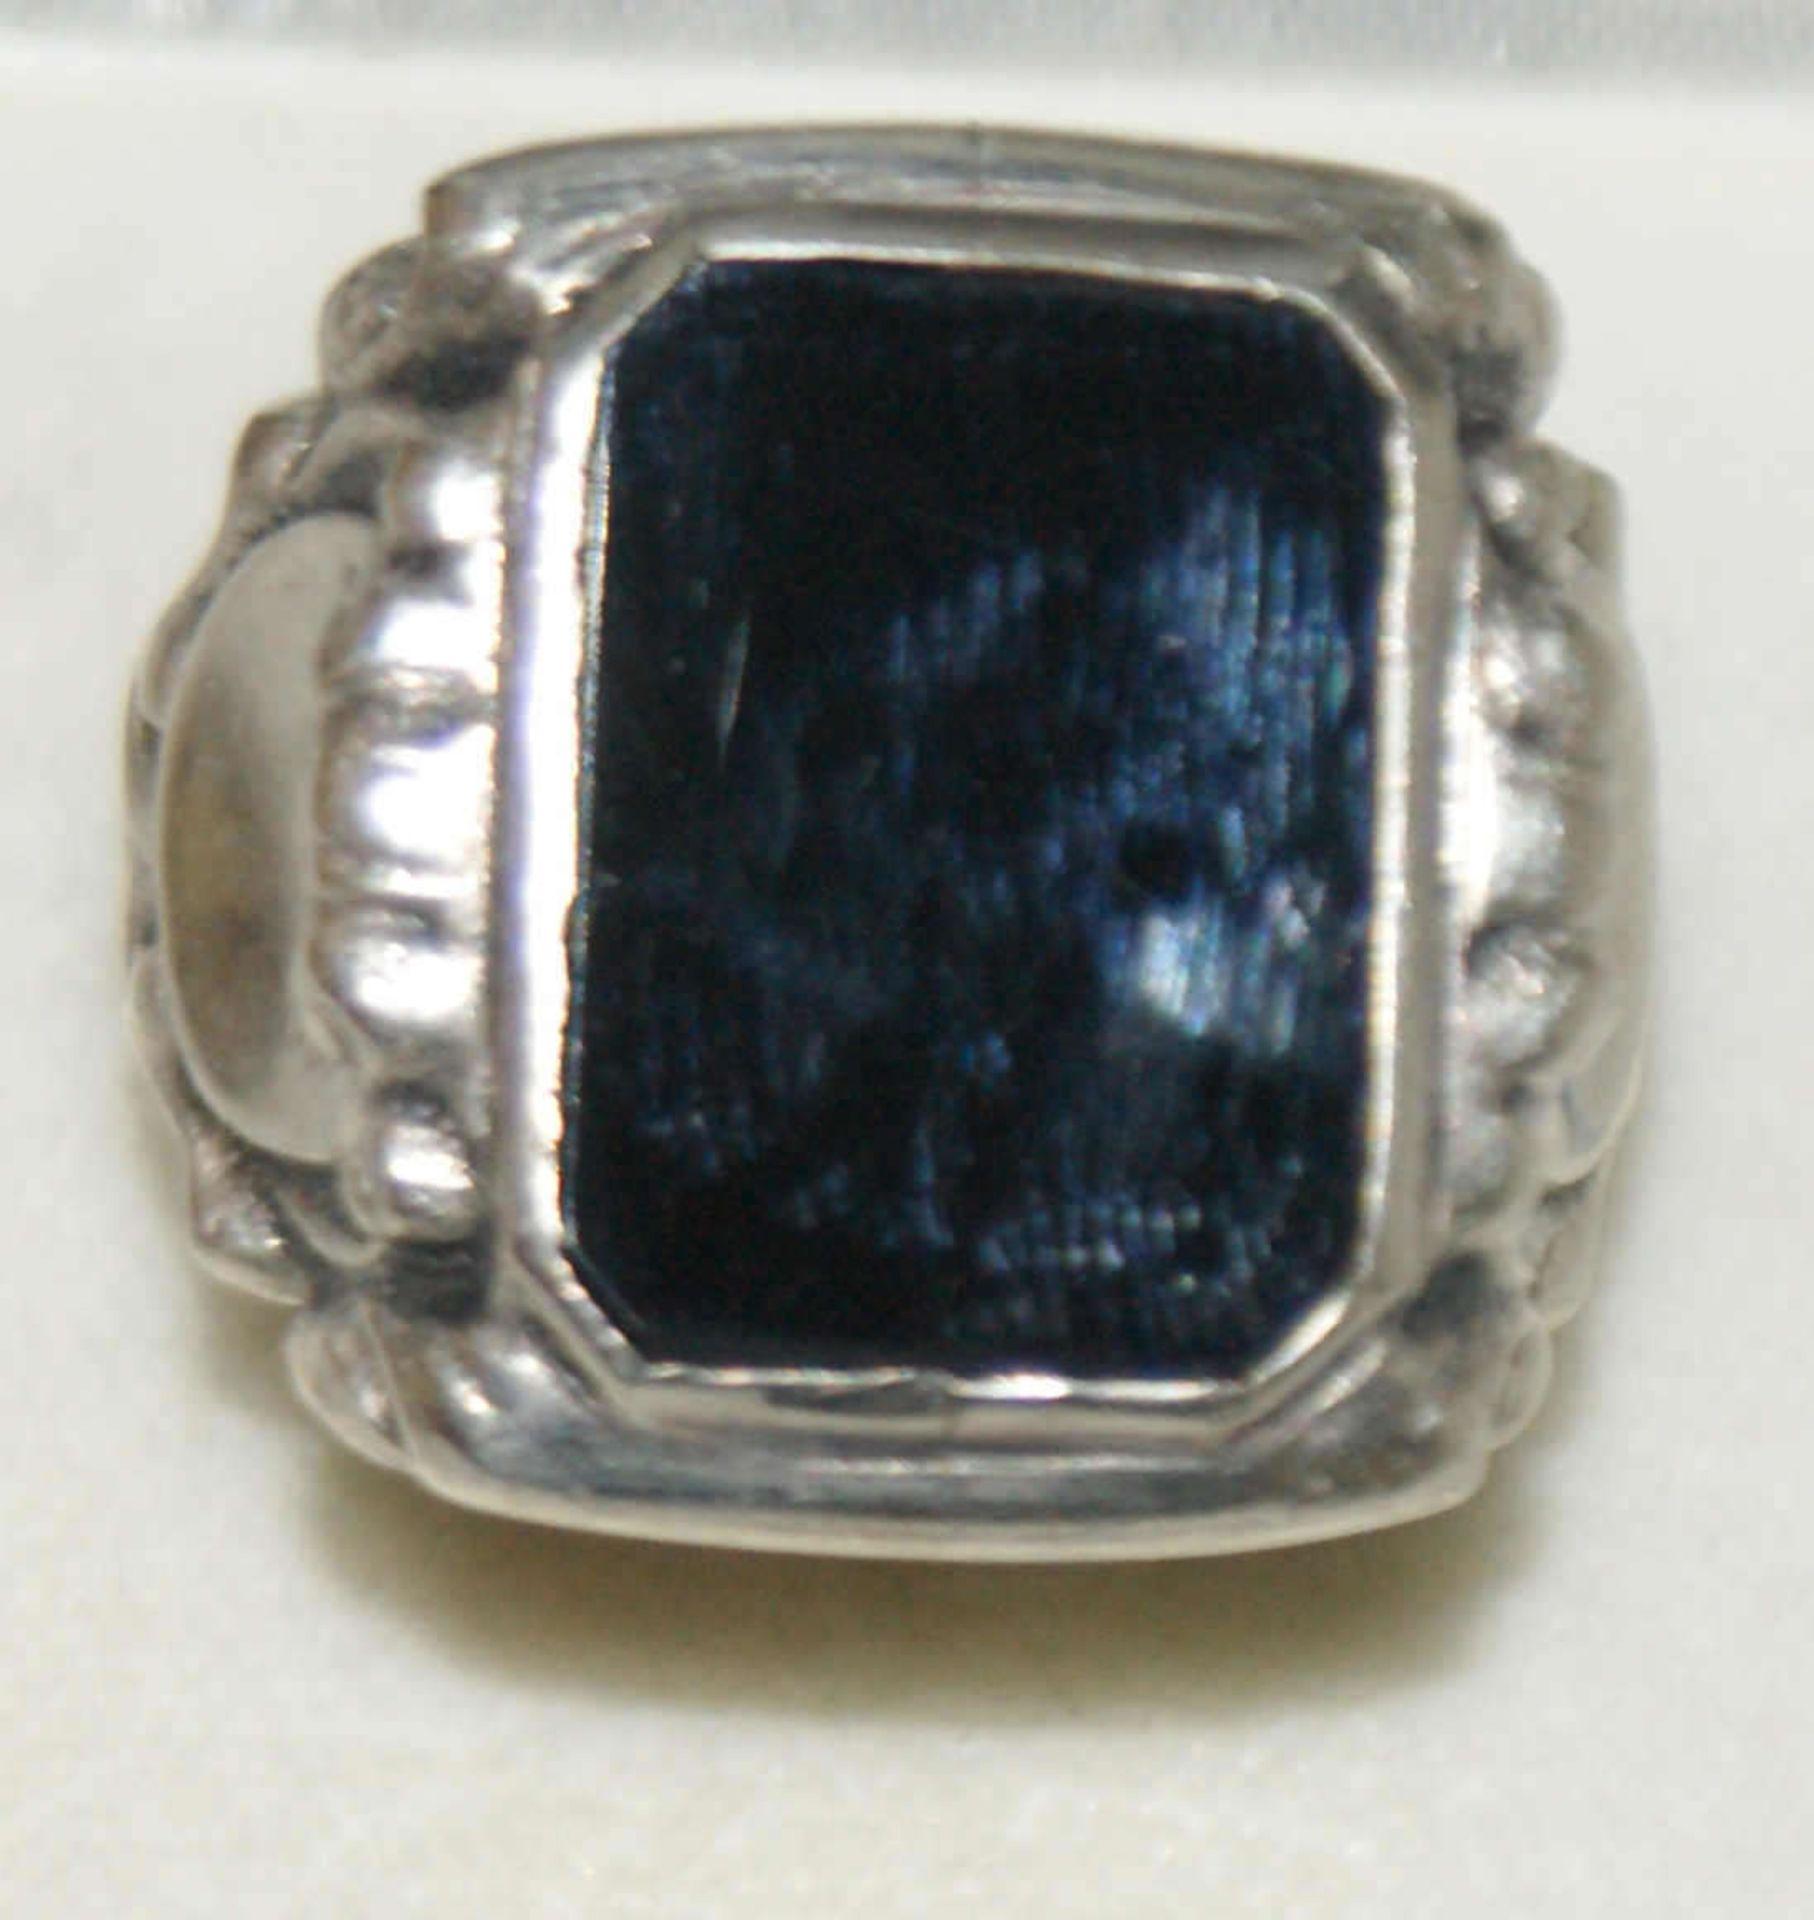 Herrenring, 830er Silber, besetzt mit Onxy, Ringgröße 58, Gewicht ca. 8 gr